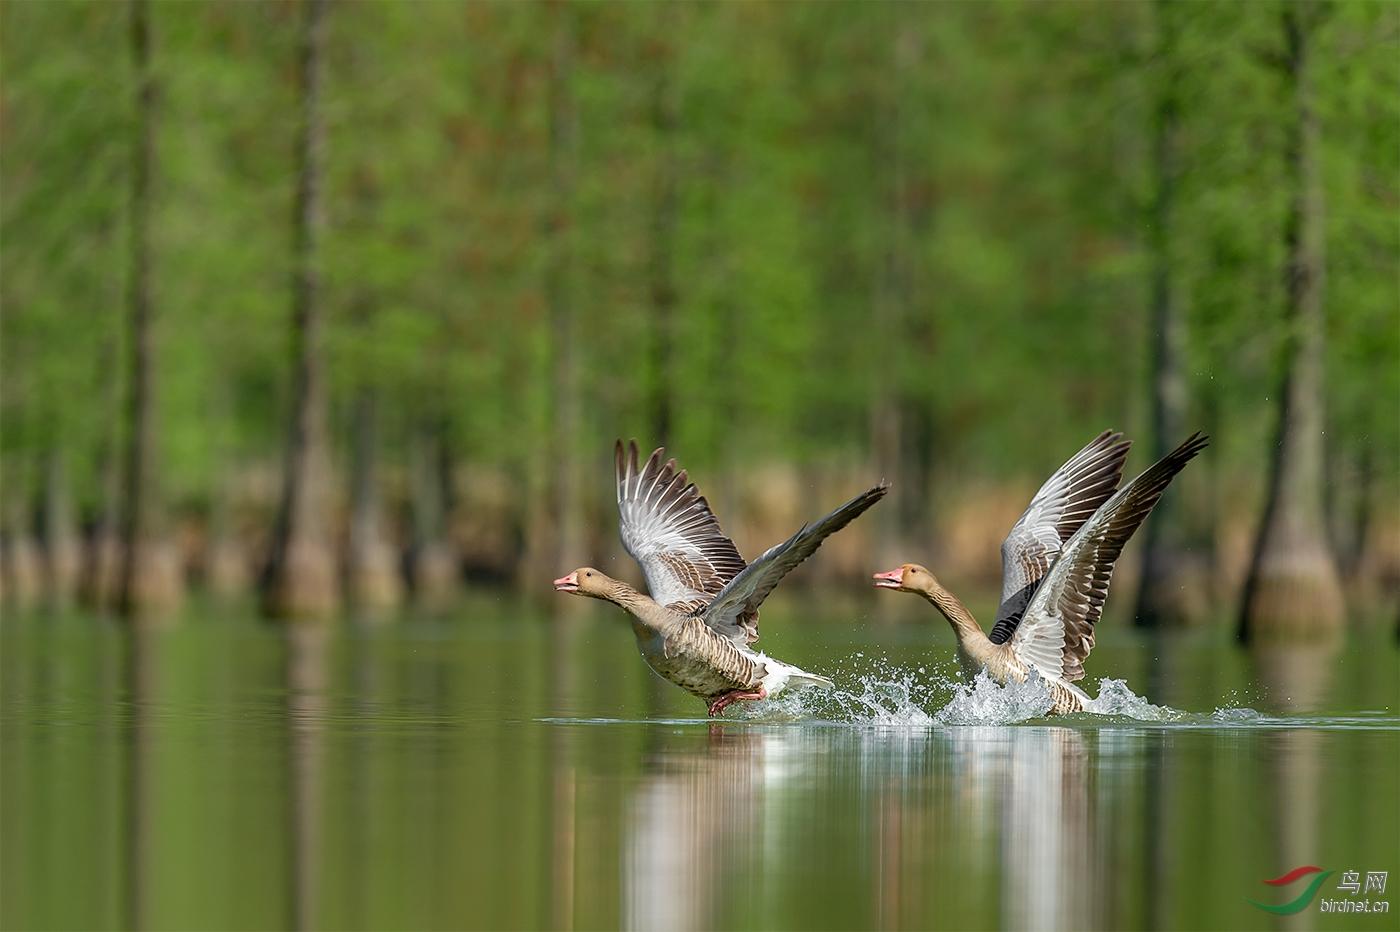 739.这对本该迁徙的灰雁被池杉湖良好的生态和优美的景色吸引已经在此安家繁衍.jpg